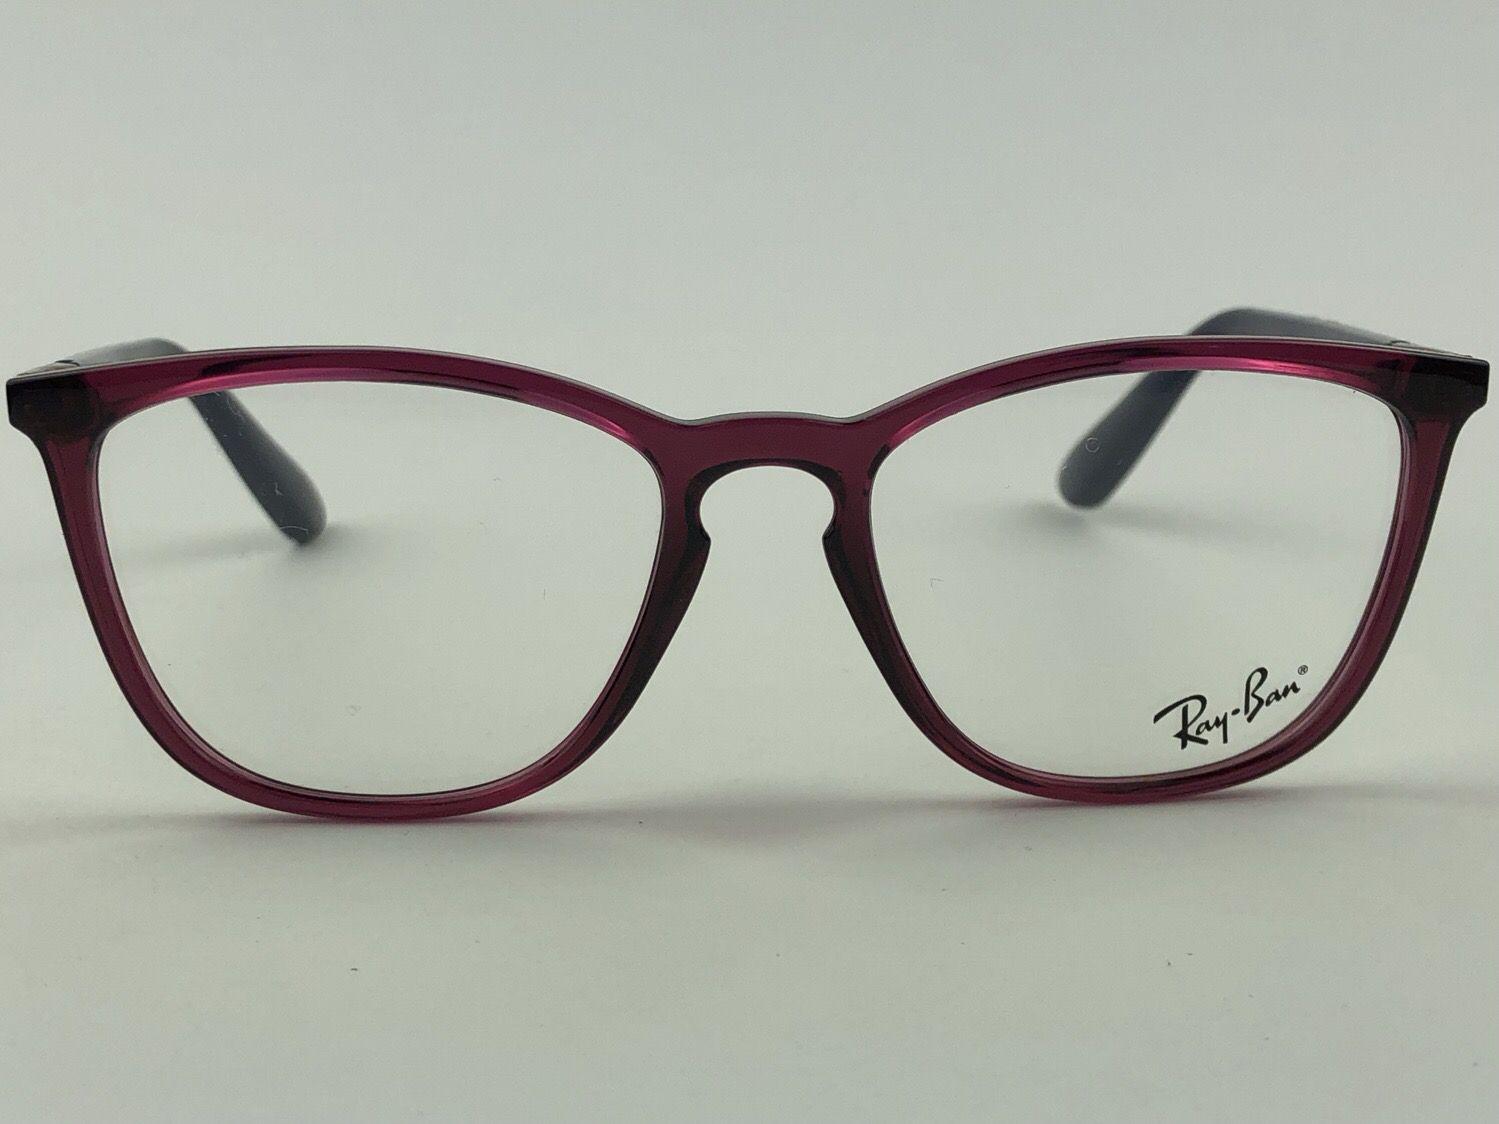 Ray Ban Optical - RX7136L - Vinho - 5859 - 52/17 - Armação para grau